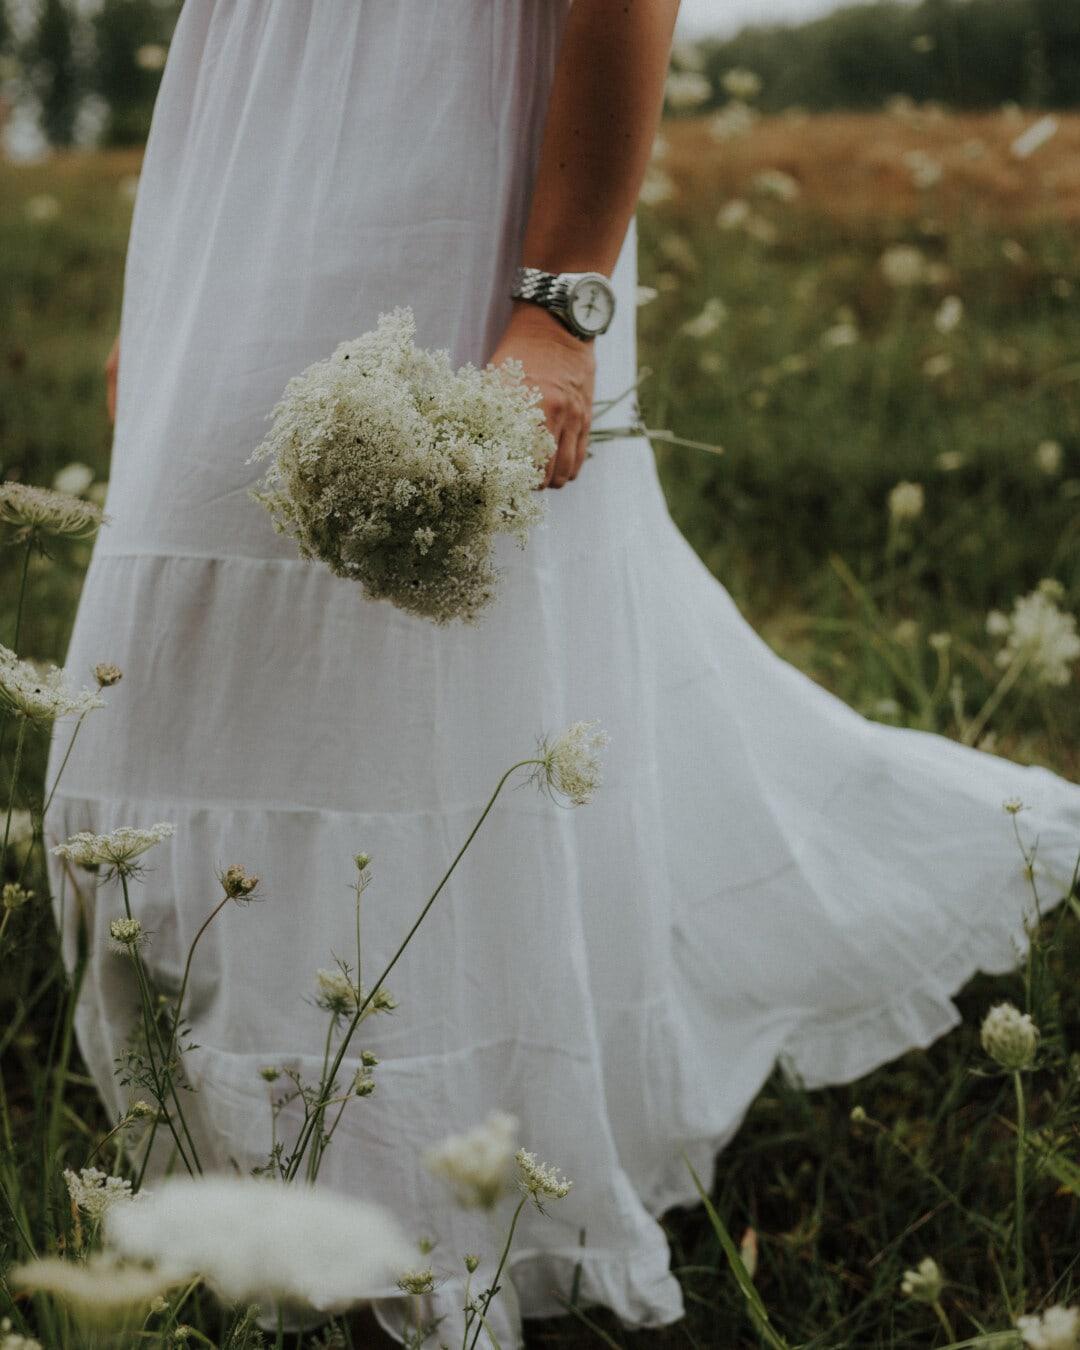 vit, bröllopsklänning, klänning, vild blomma, flicka, fältet, brudgummen, bröllop, bruden, blomma